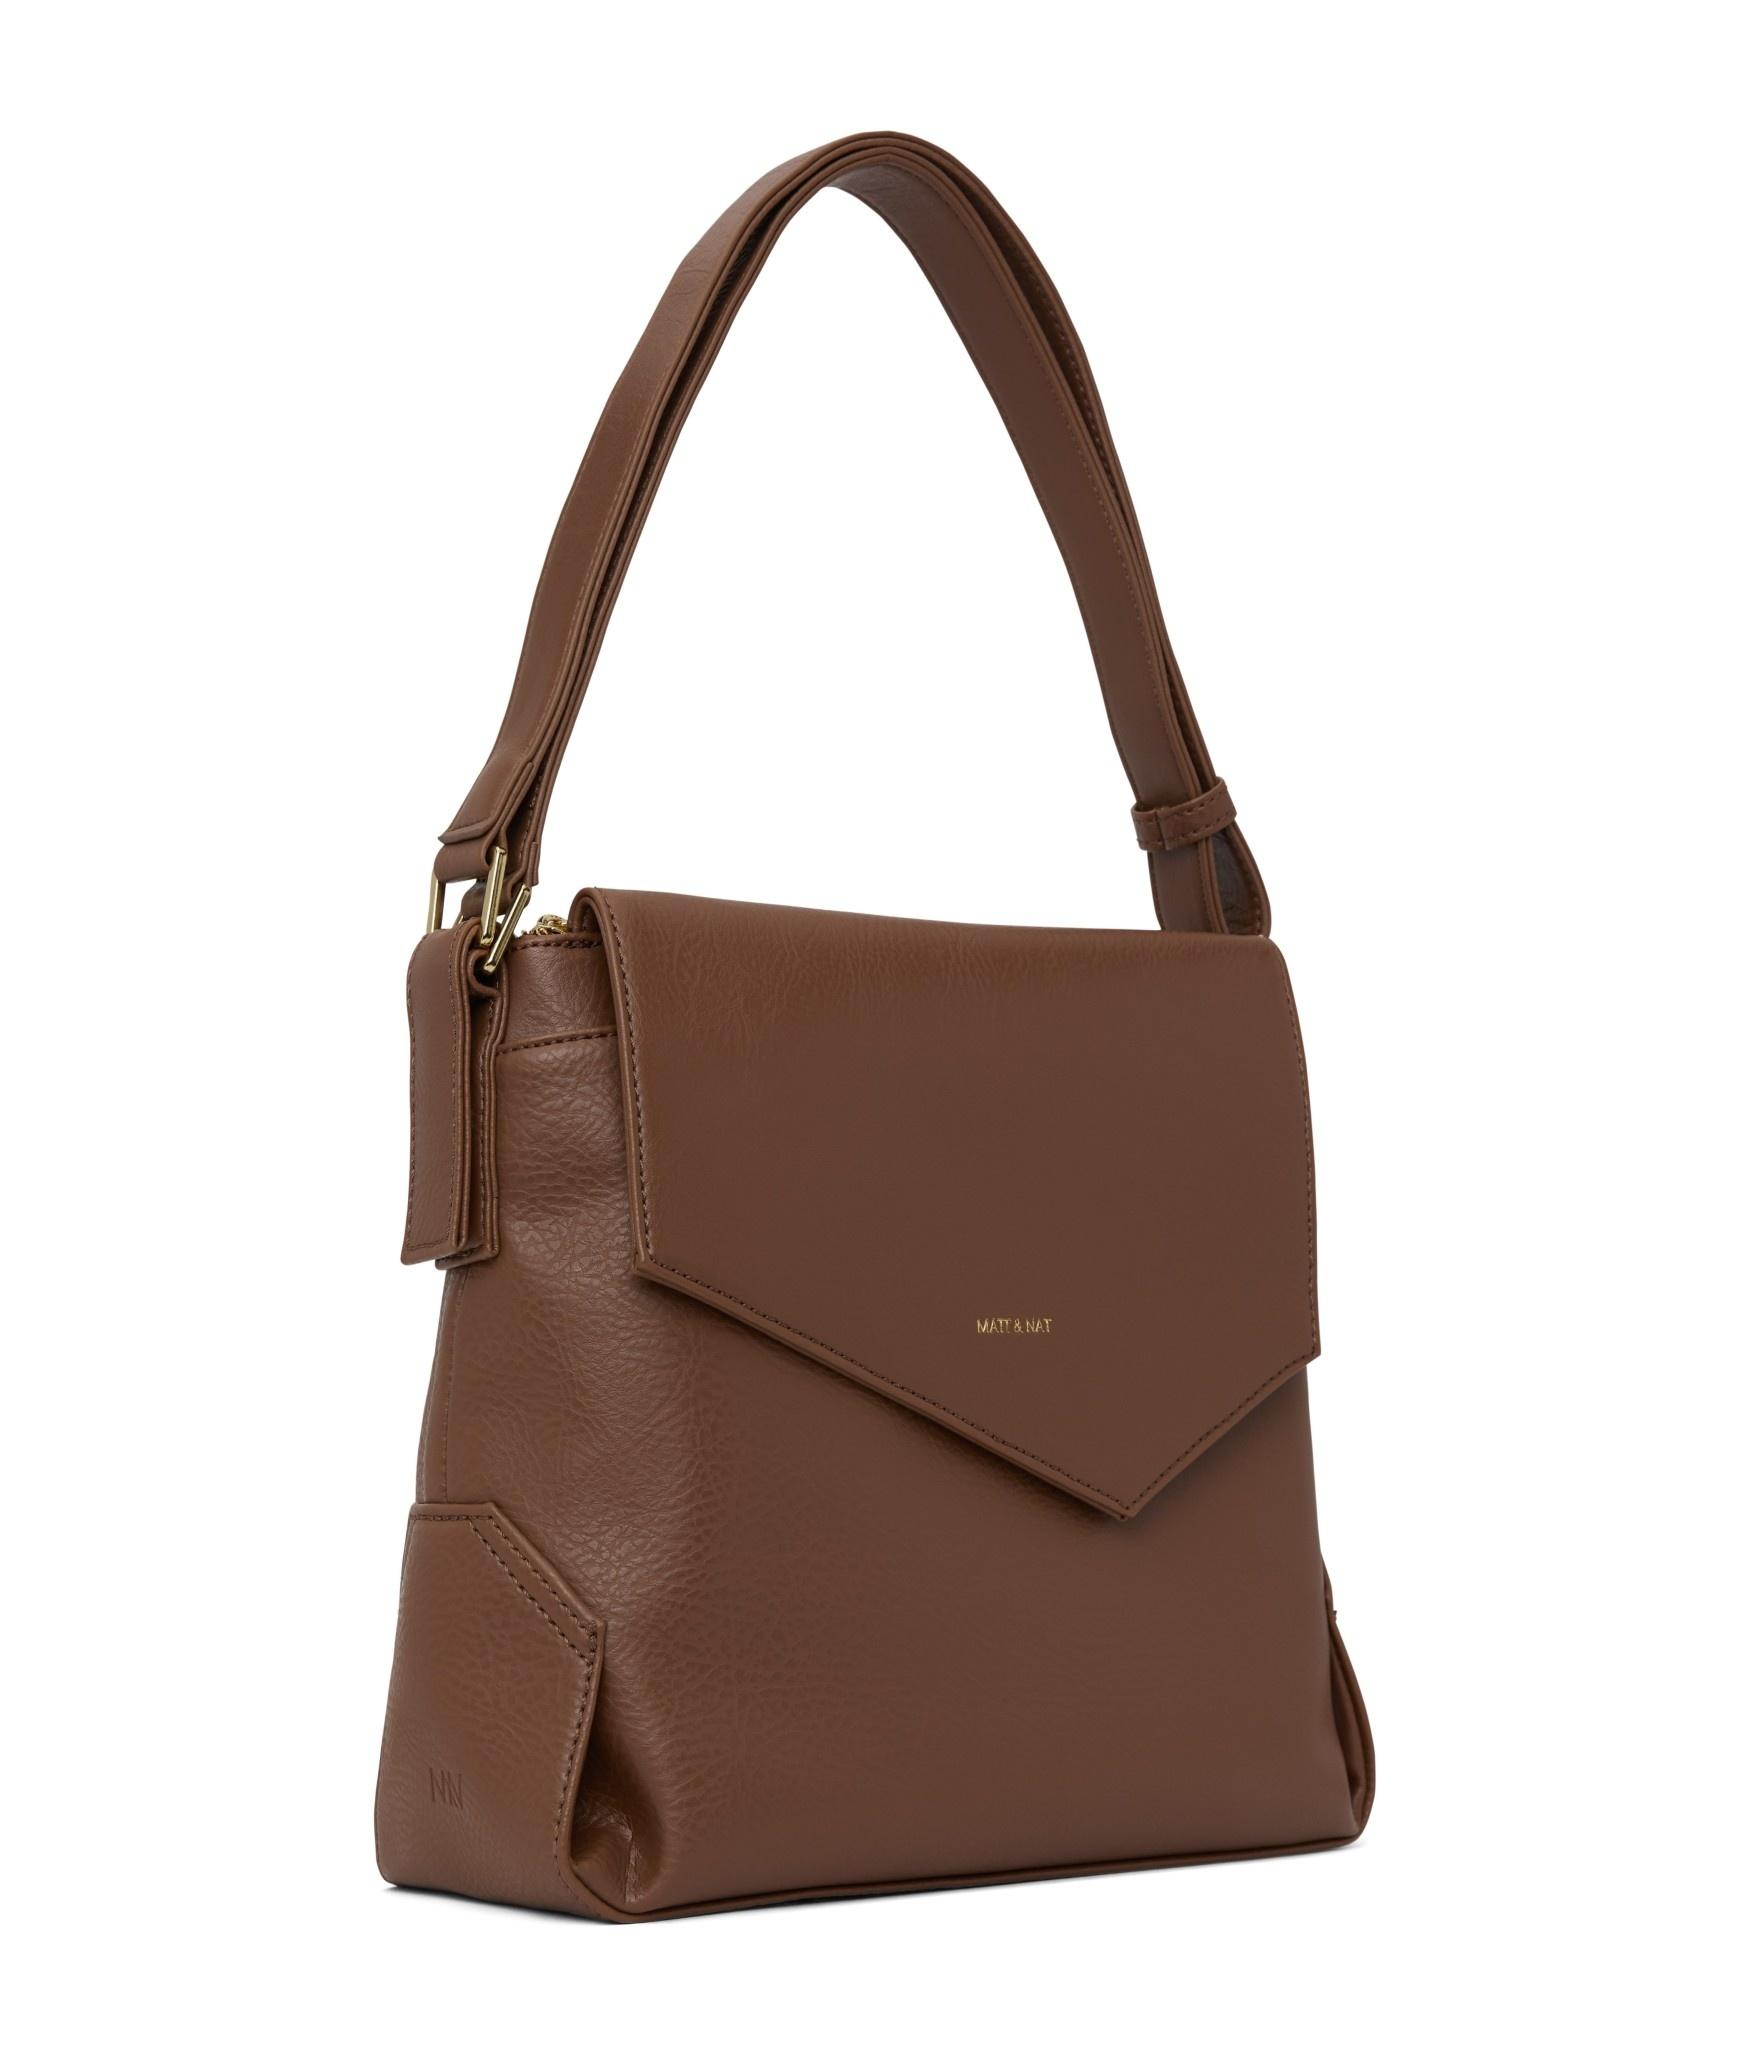 Monkland Dwell Handbag Brown-7